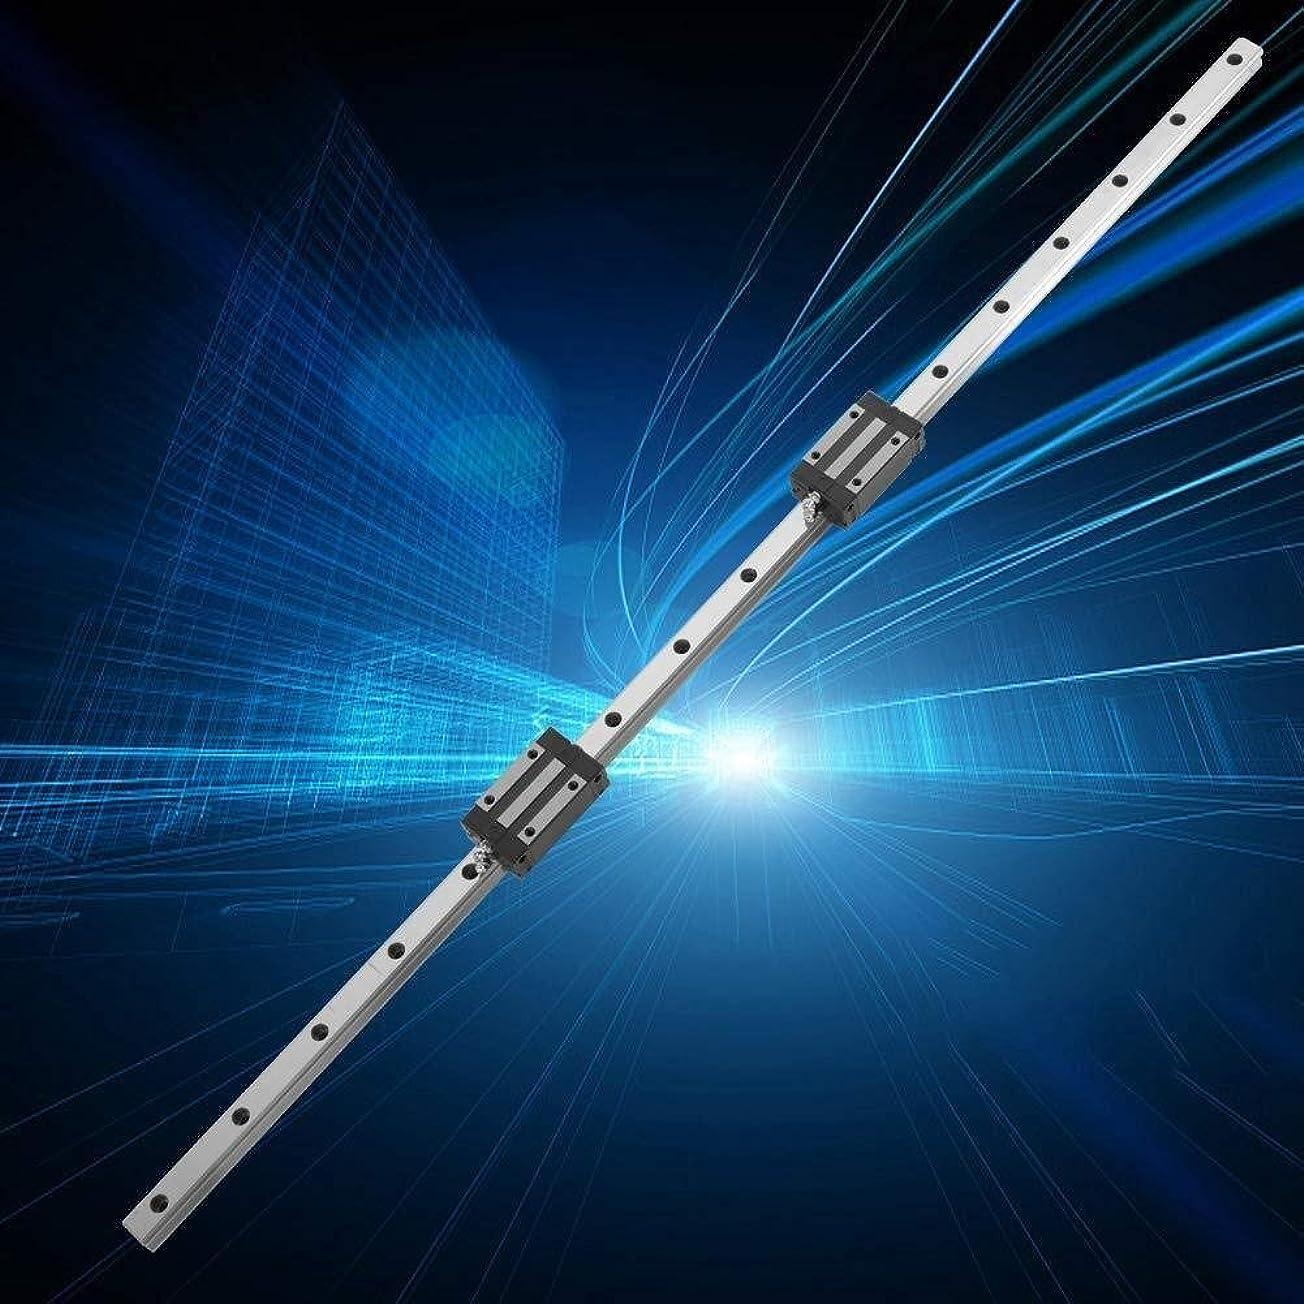 お父さん漏斗ツインSYF-SYF リニアガイドレール、1PCS HGR20-1000mmリニアレールガイドレールモーション20ミリメートル幅&2個のブロックをスライドさせ、キャリッジ リニアガイドレール